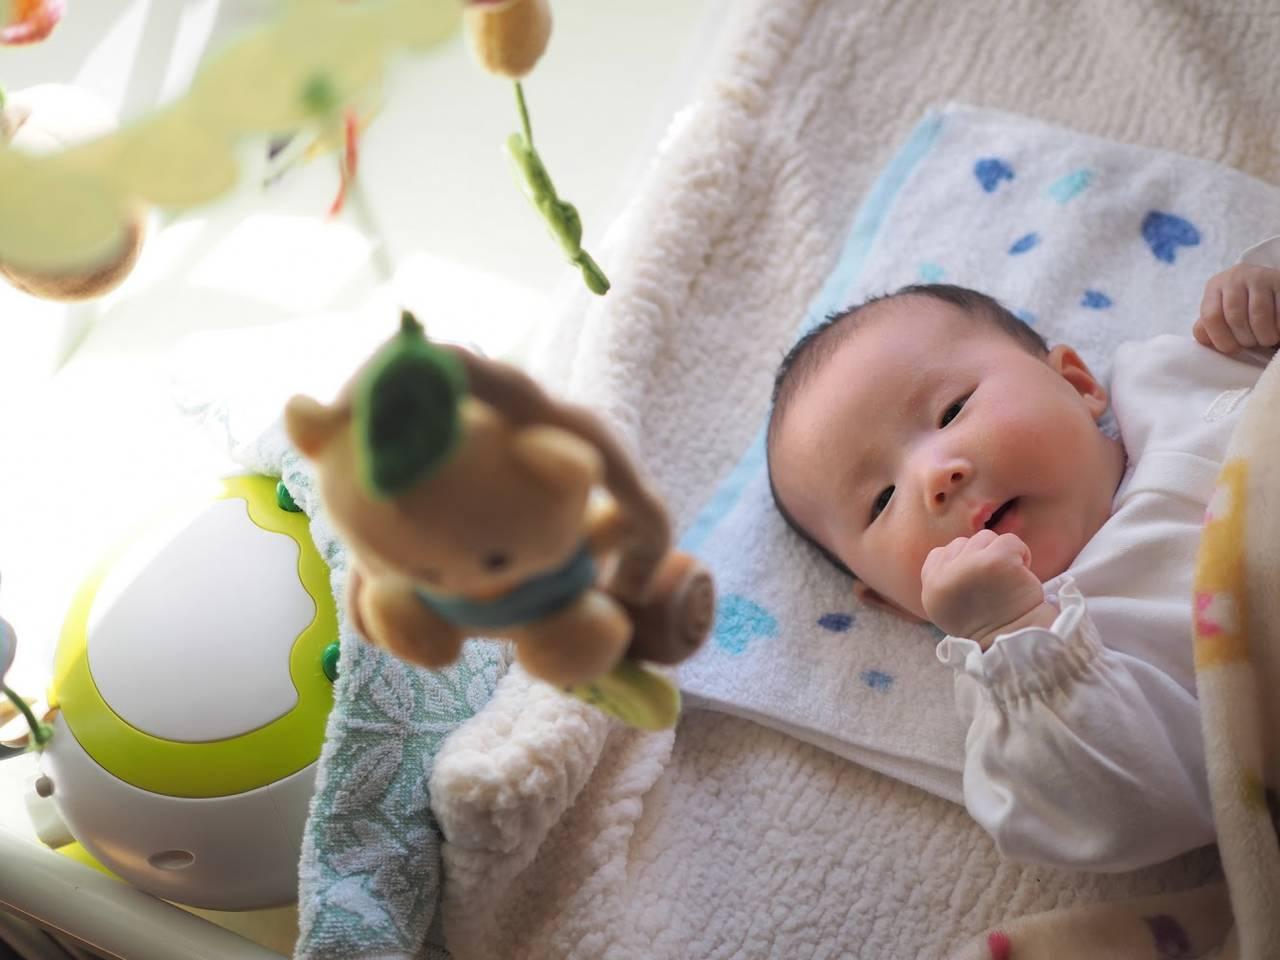 秋は赤ちゃん部屋の室温調整に暖房を使う?正しい暖房の使い方